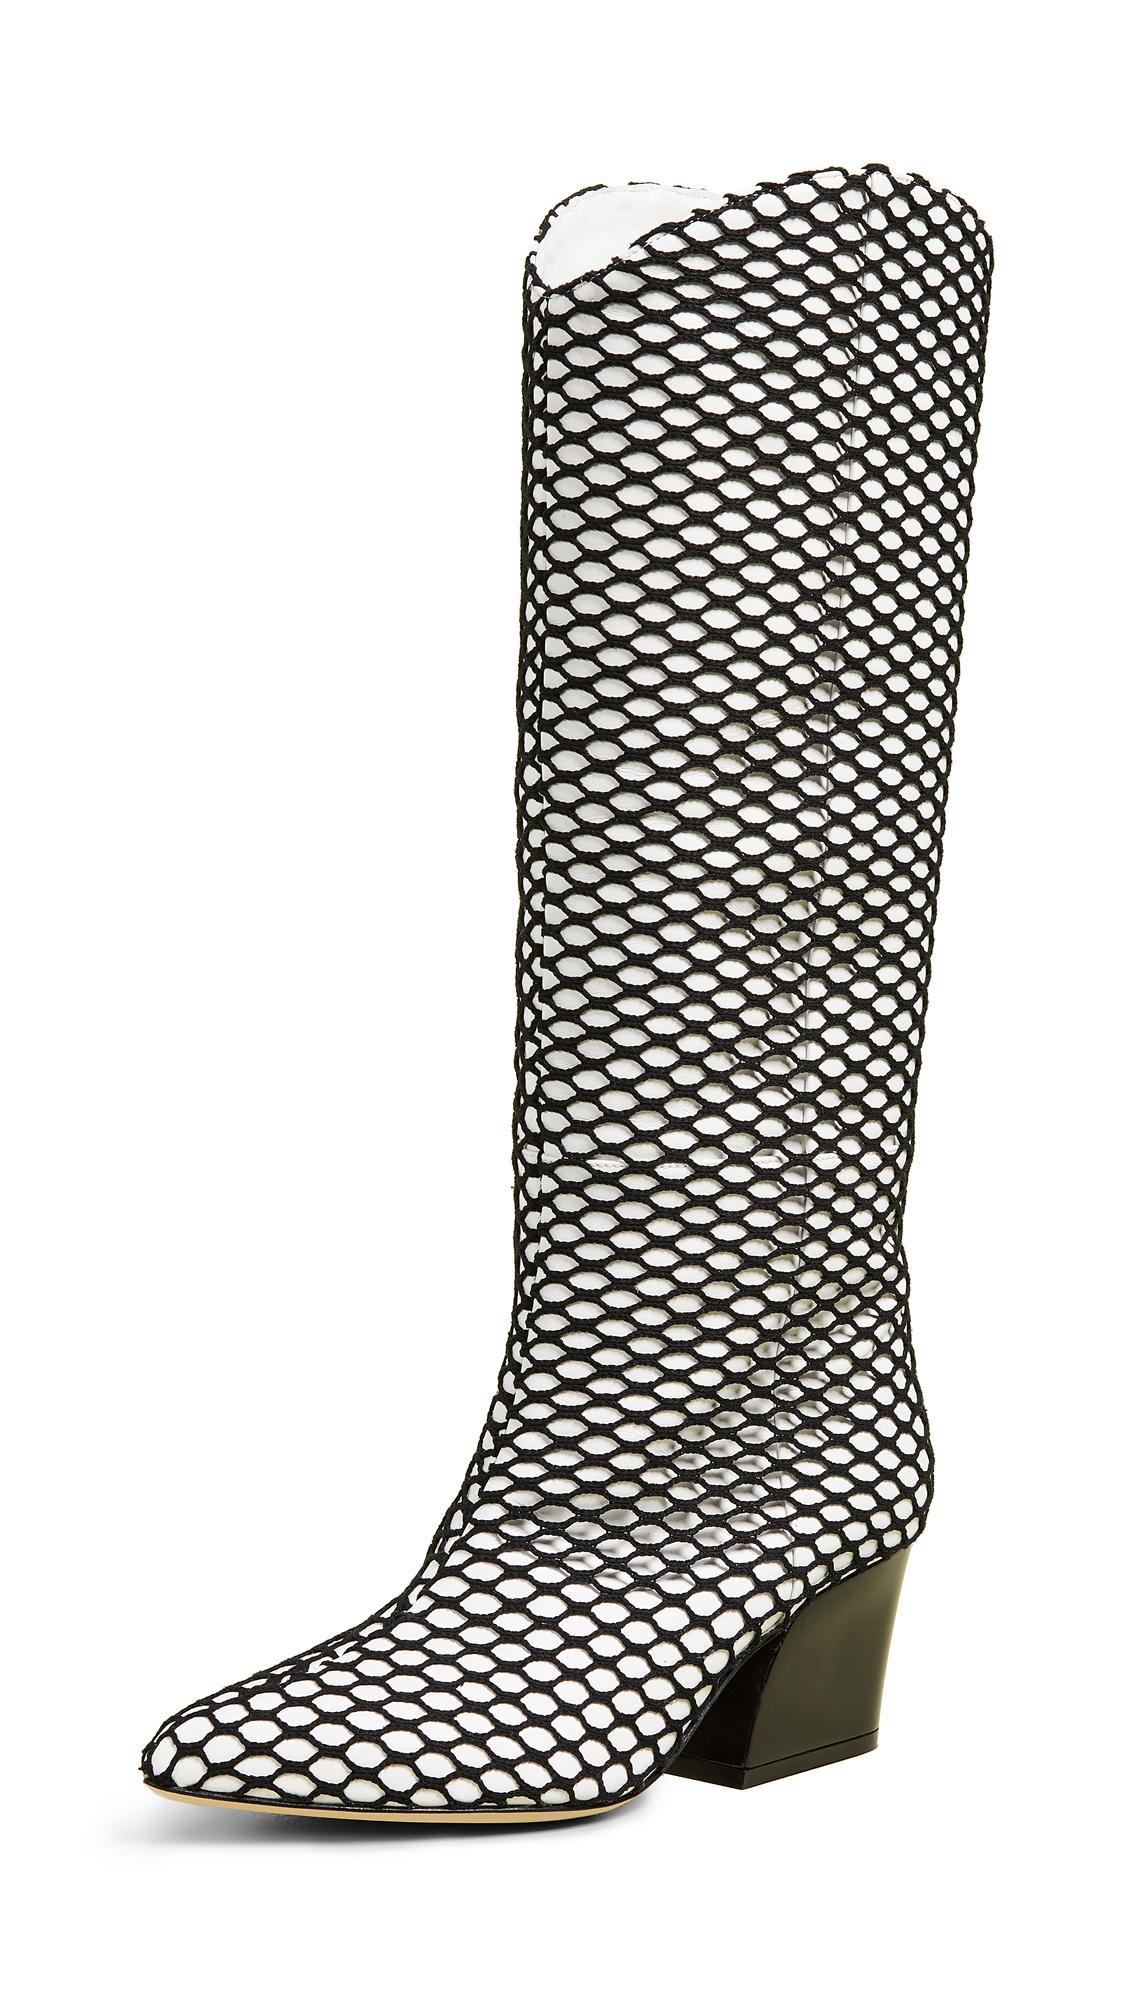 Tibi Logan Boots - White/Black Multi